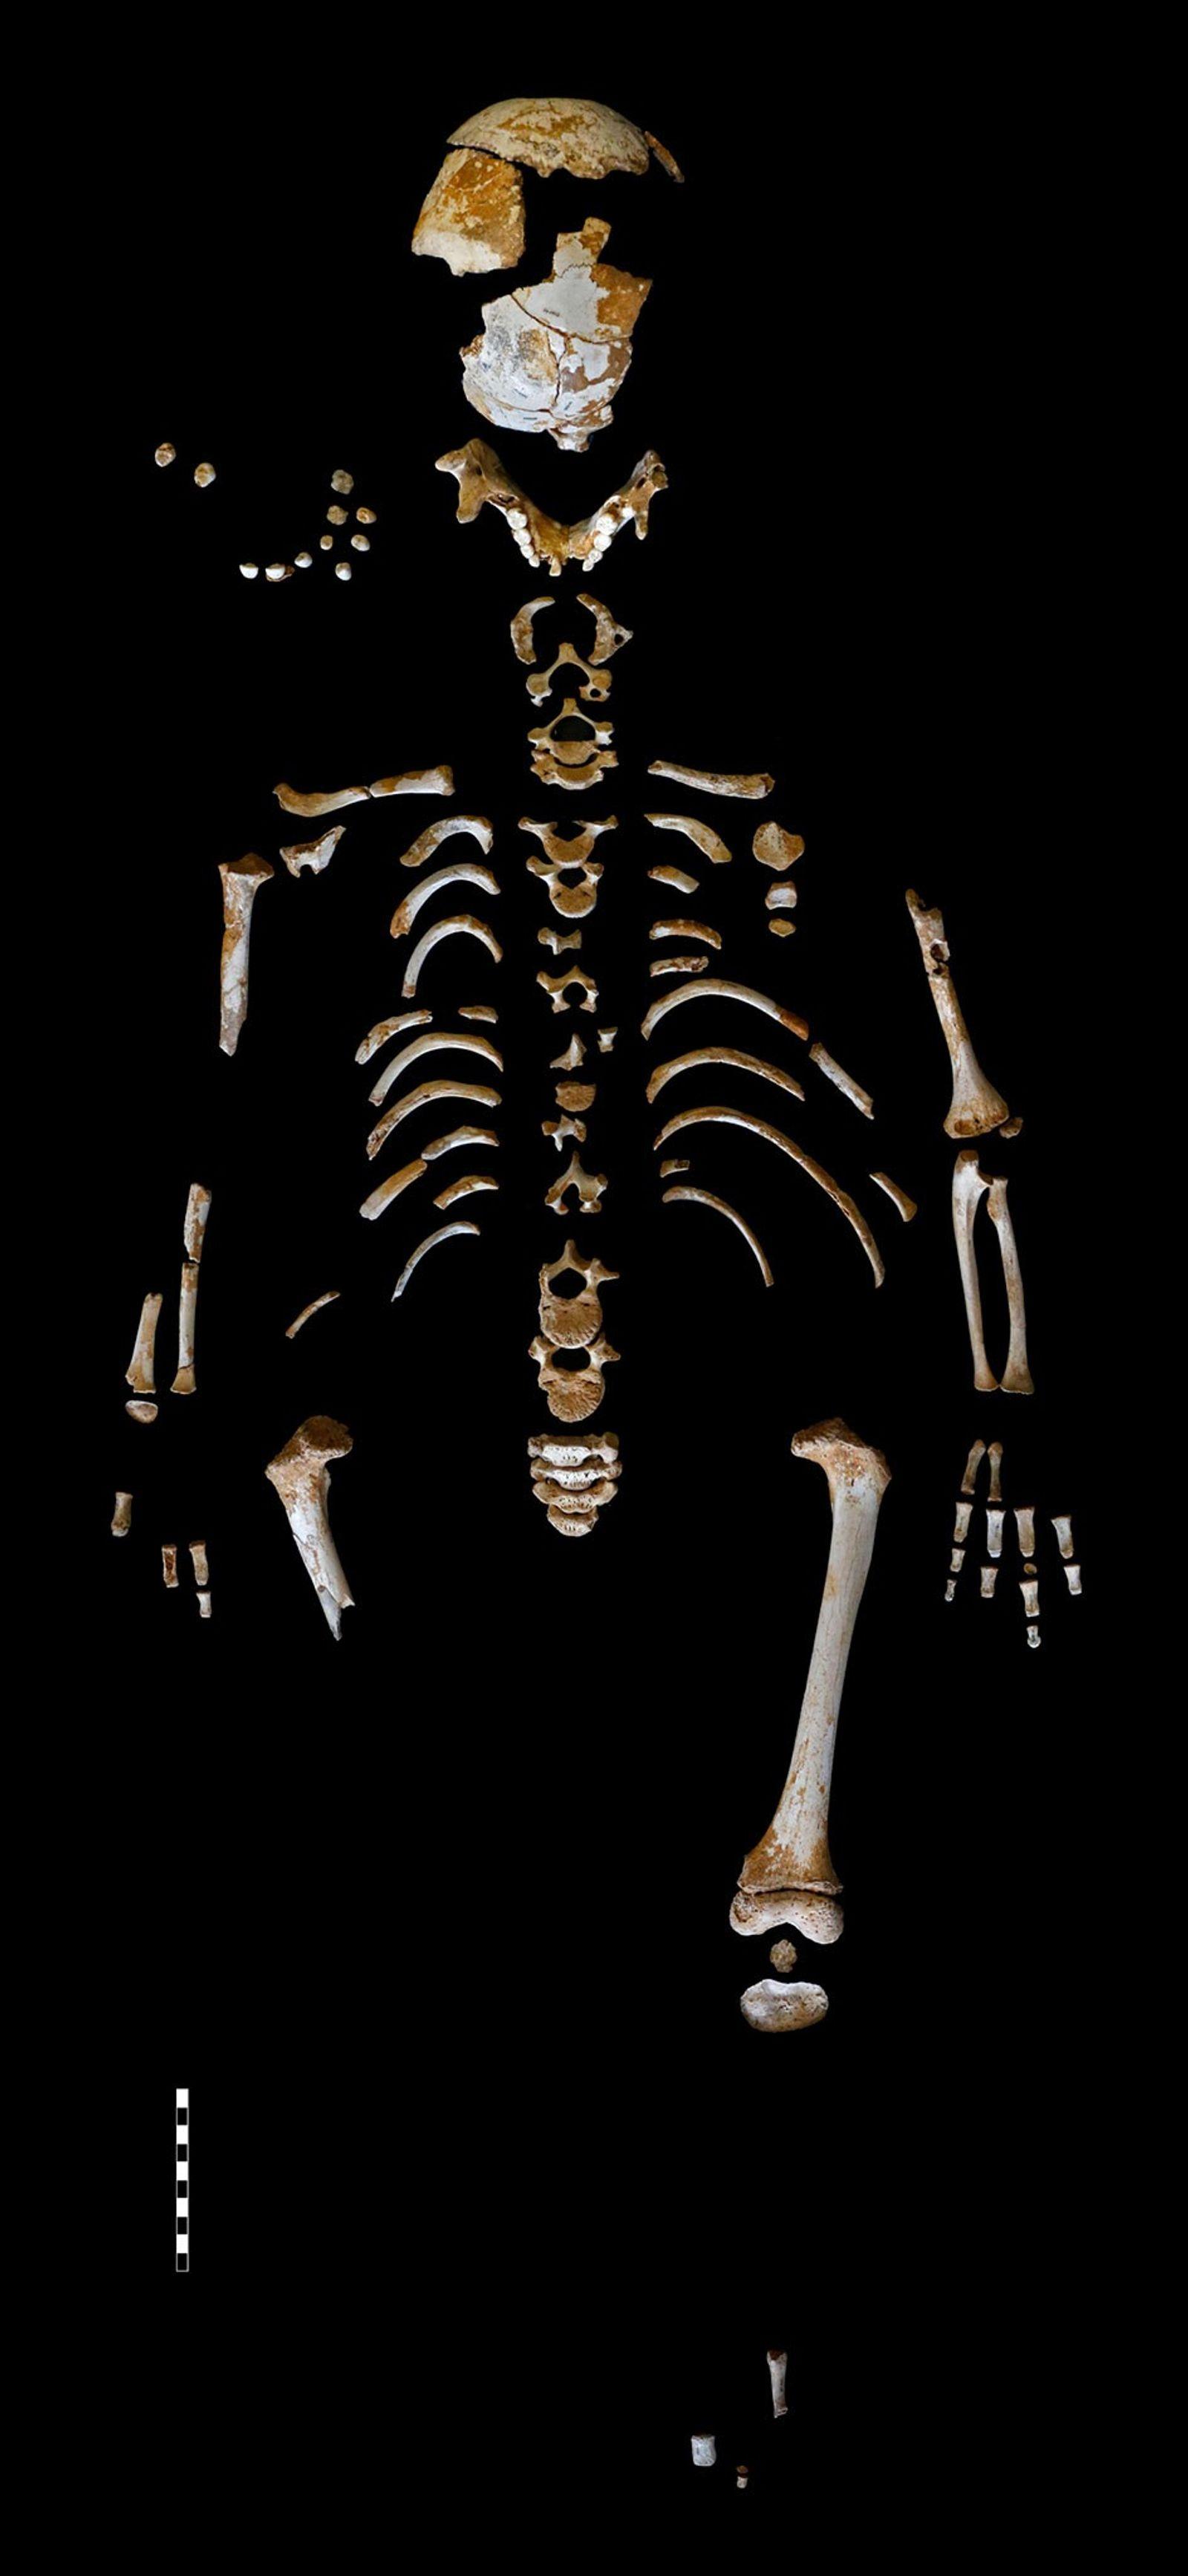 L'incroyable squelette d'un enfant néandertalien, découvert dans la grotte d'El Sidrón en Espagne, nous en apprend ...